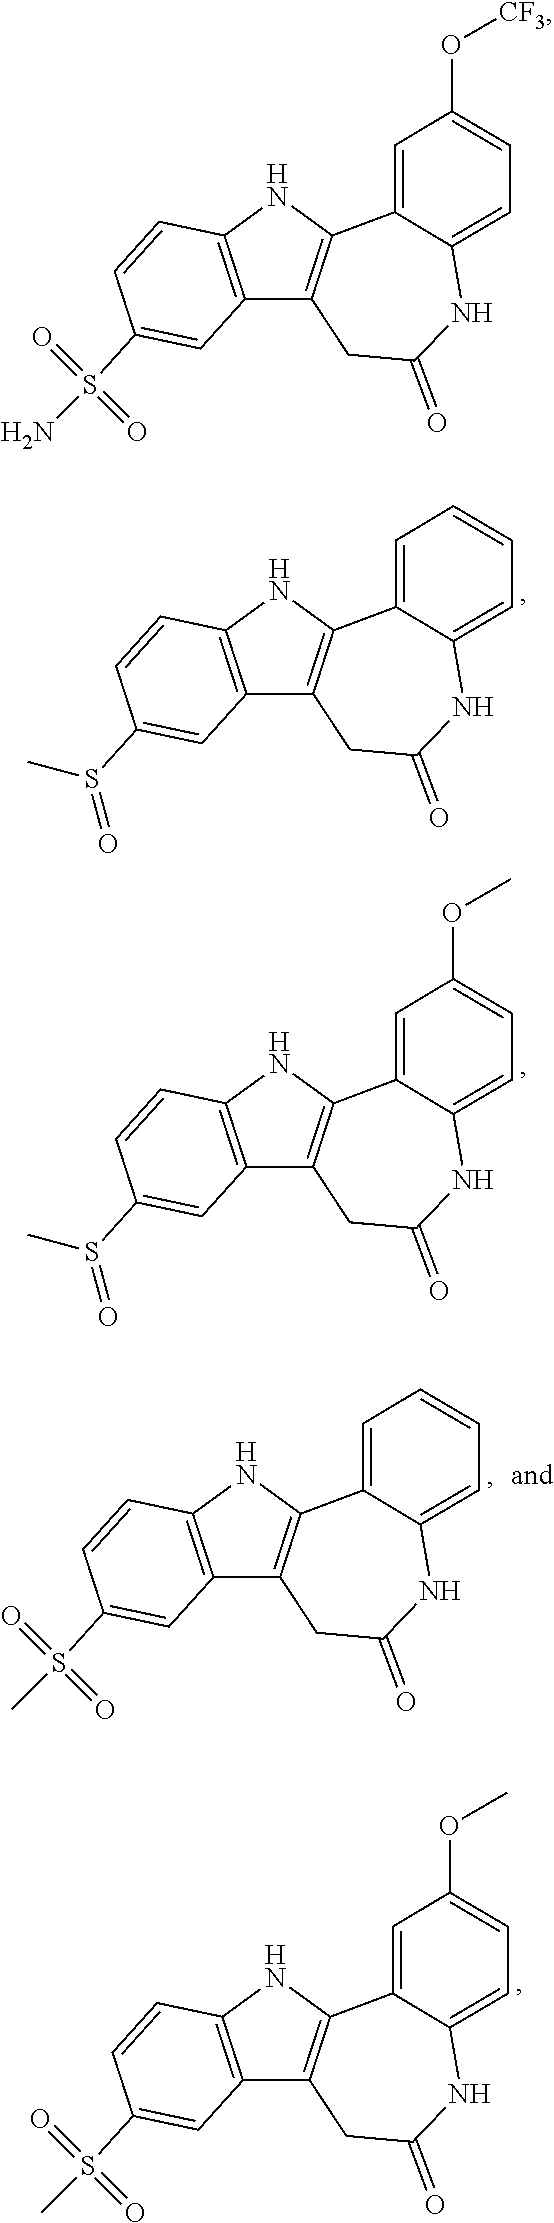 Figure US09572815-20170221-C00020